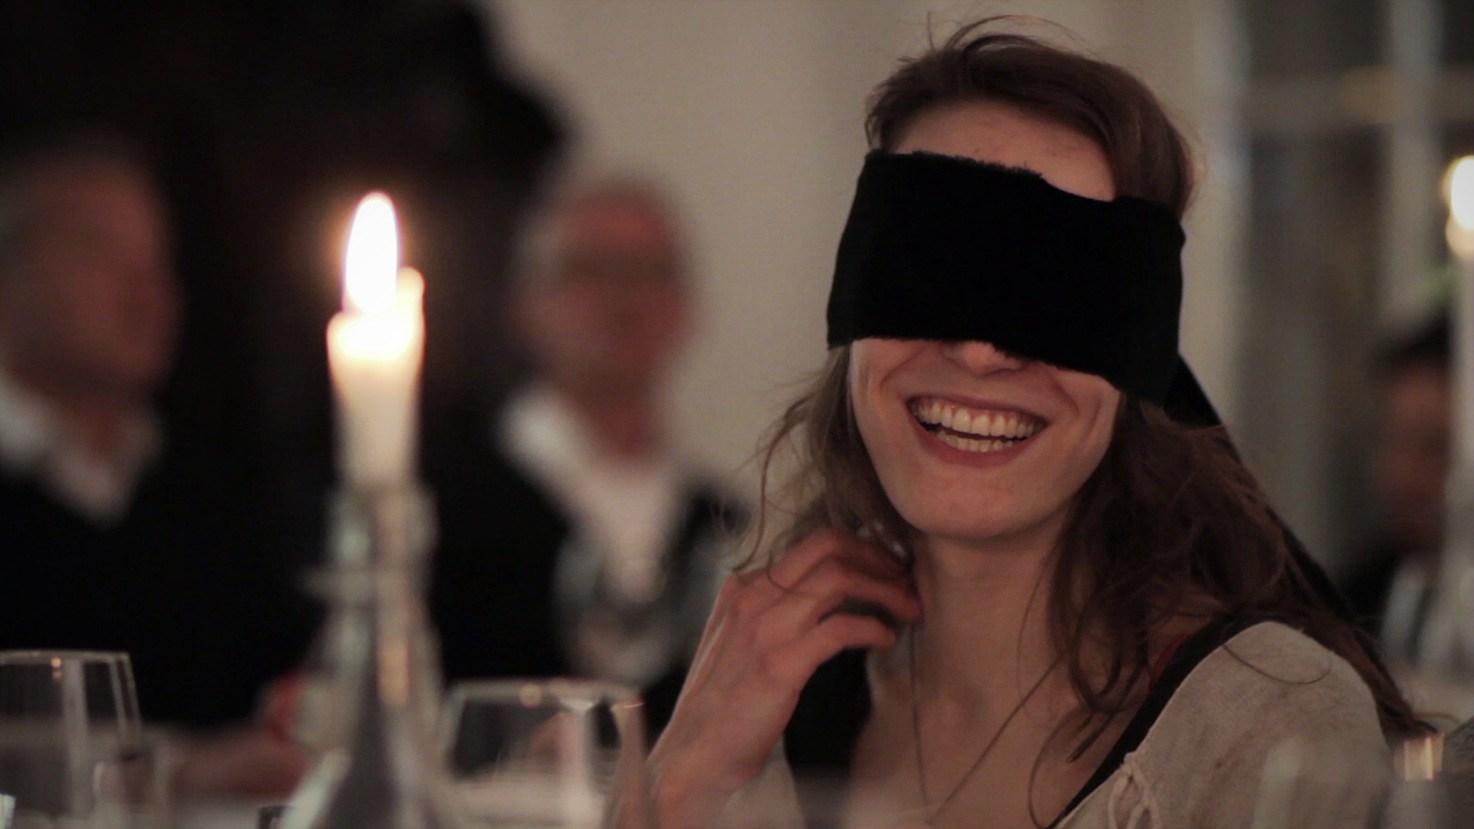 cena al buio - donna bendata ad una cena a lume di candela